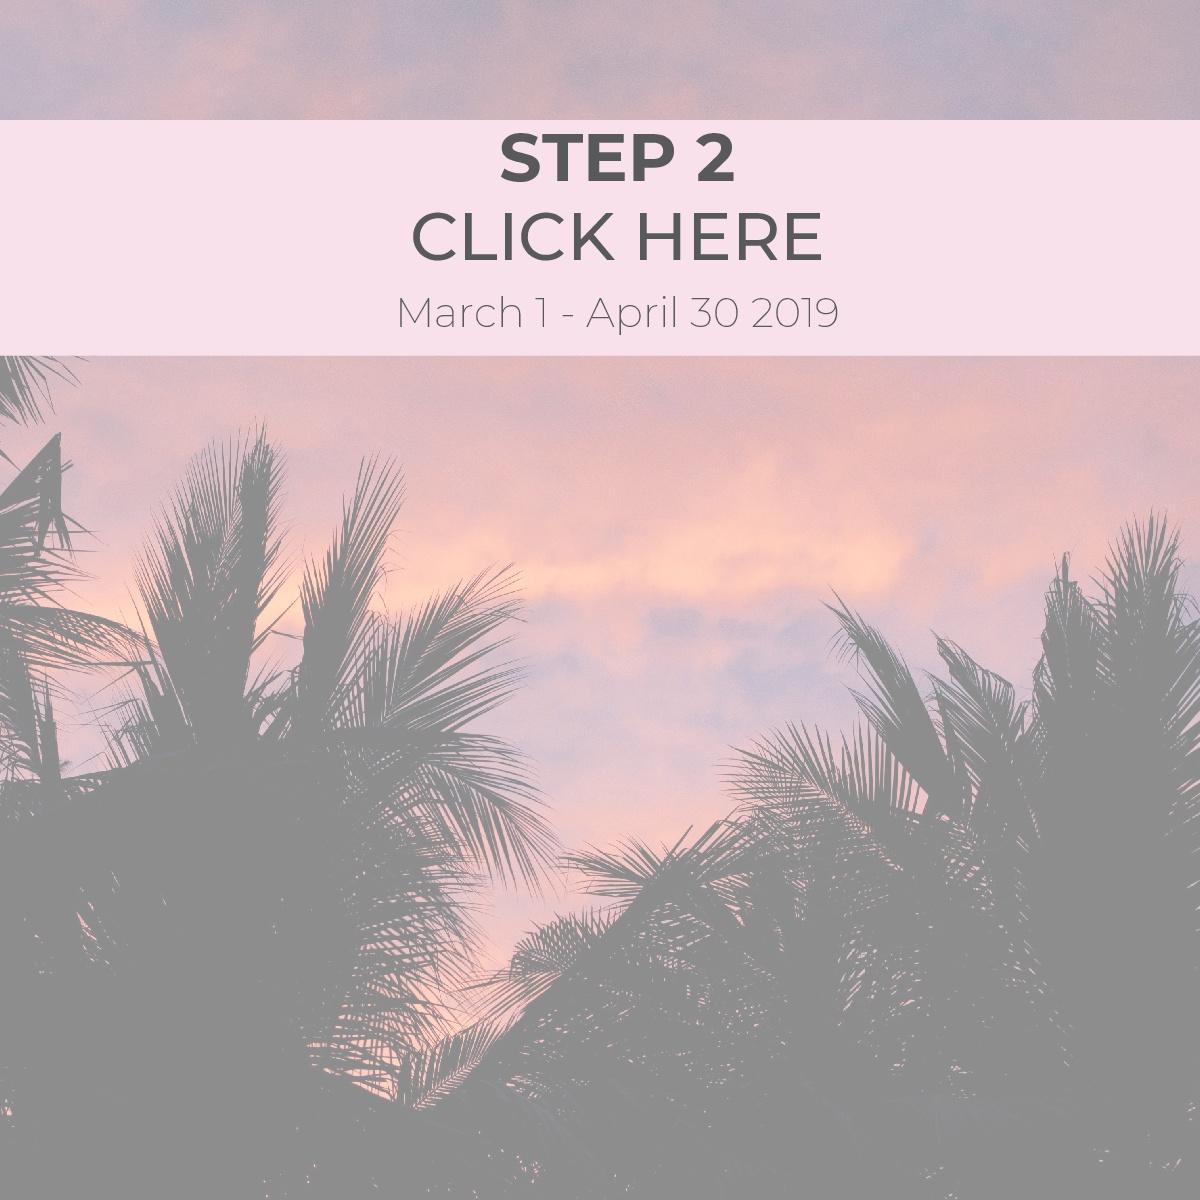 STEP 2 Click here (3)-001.jpg